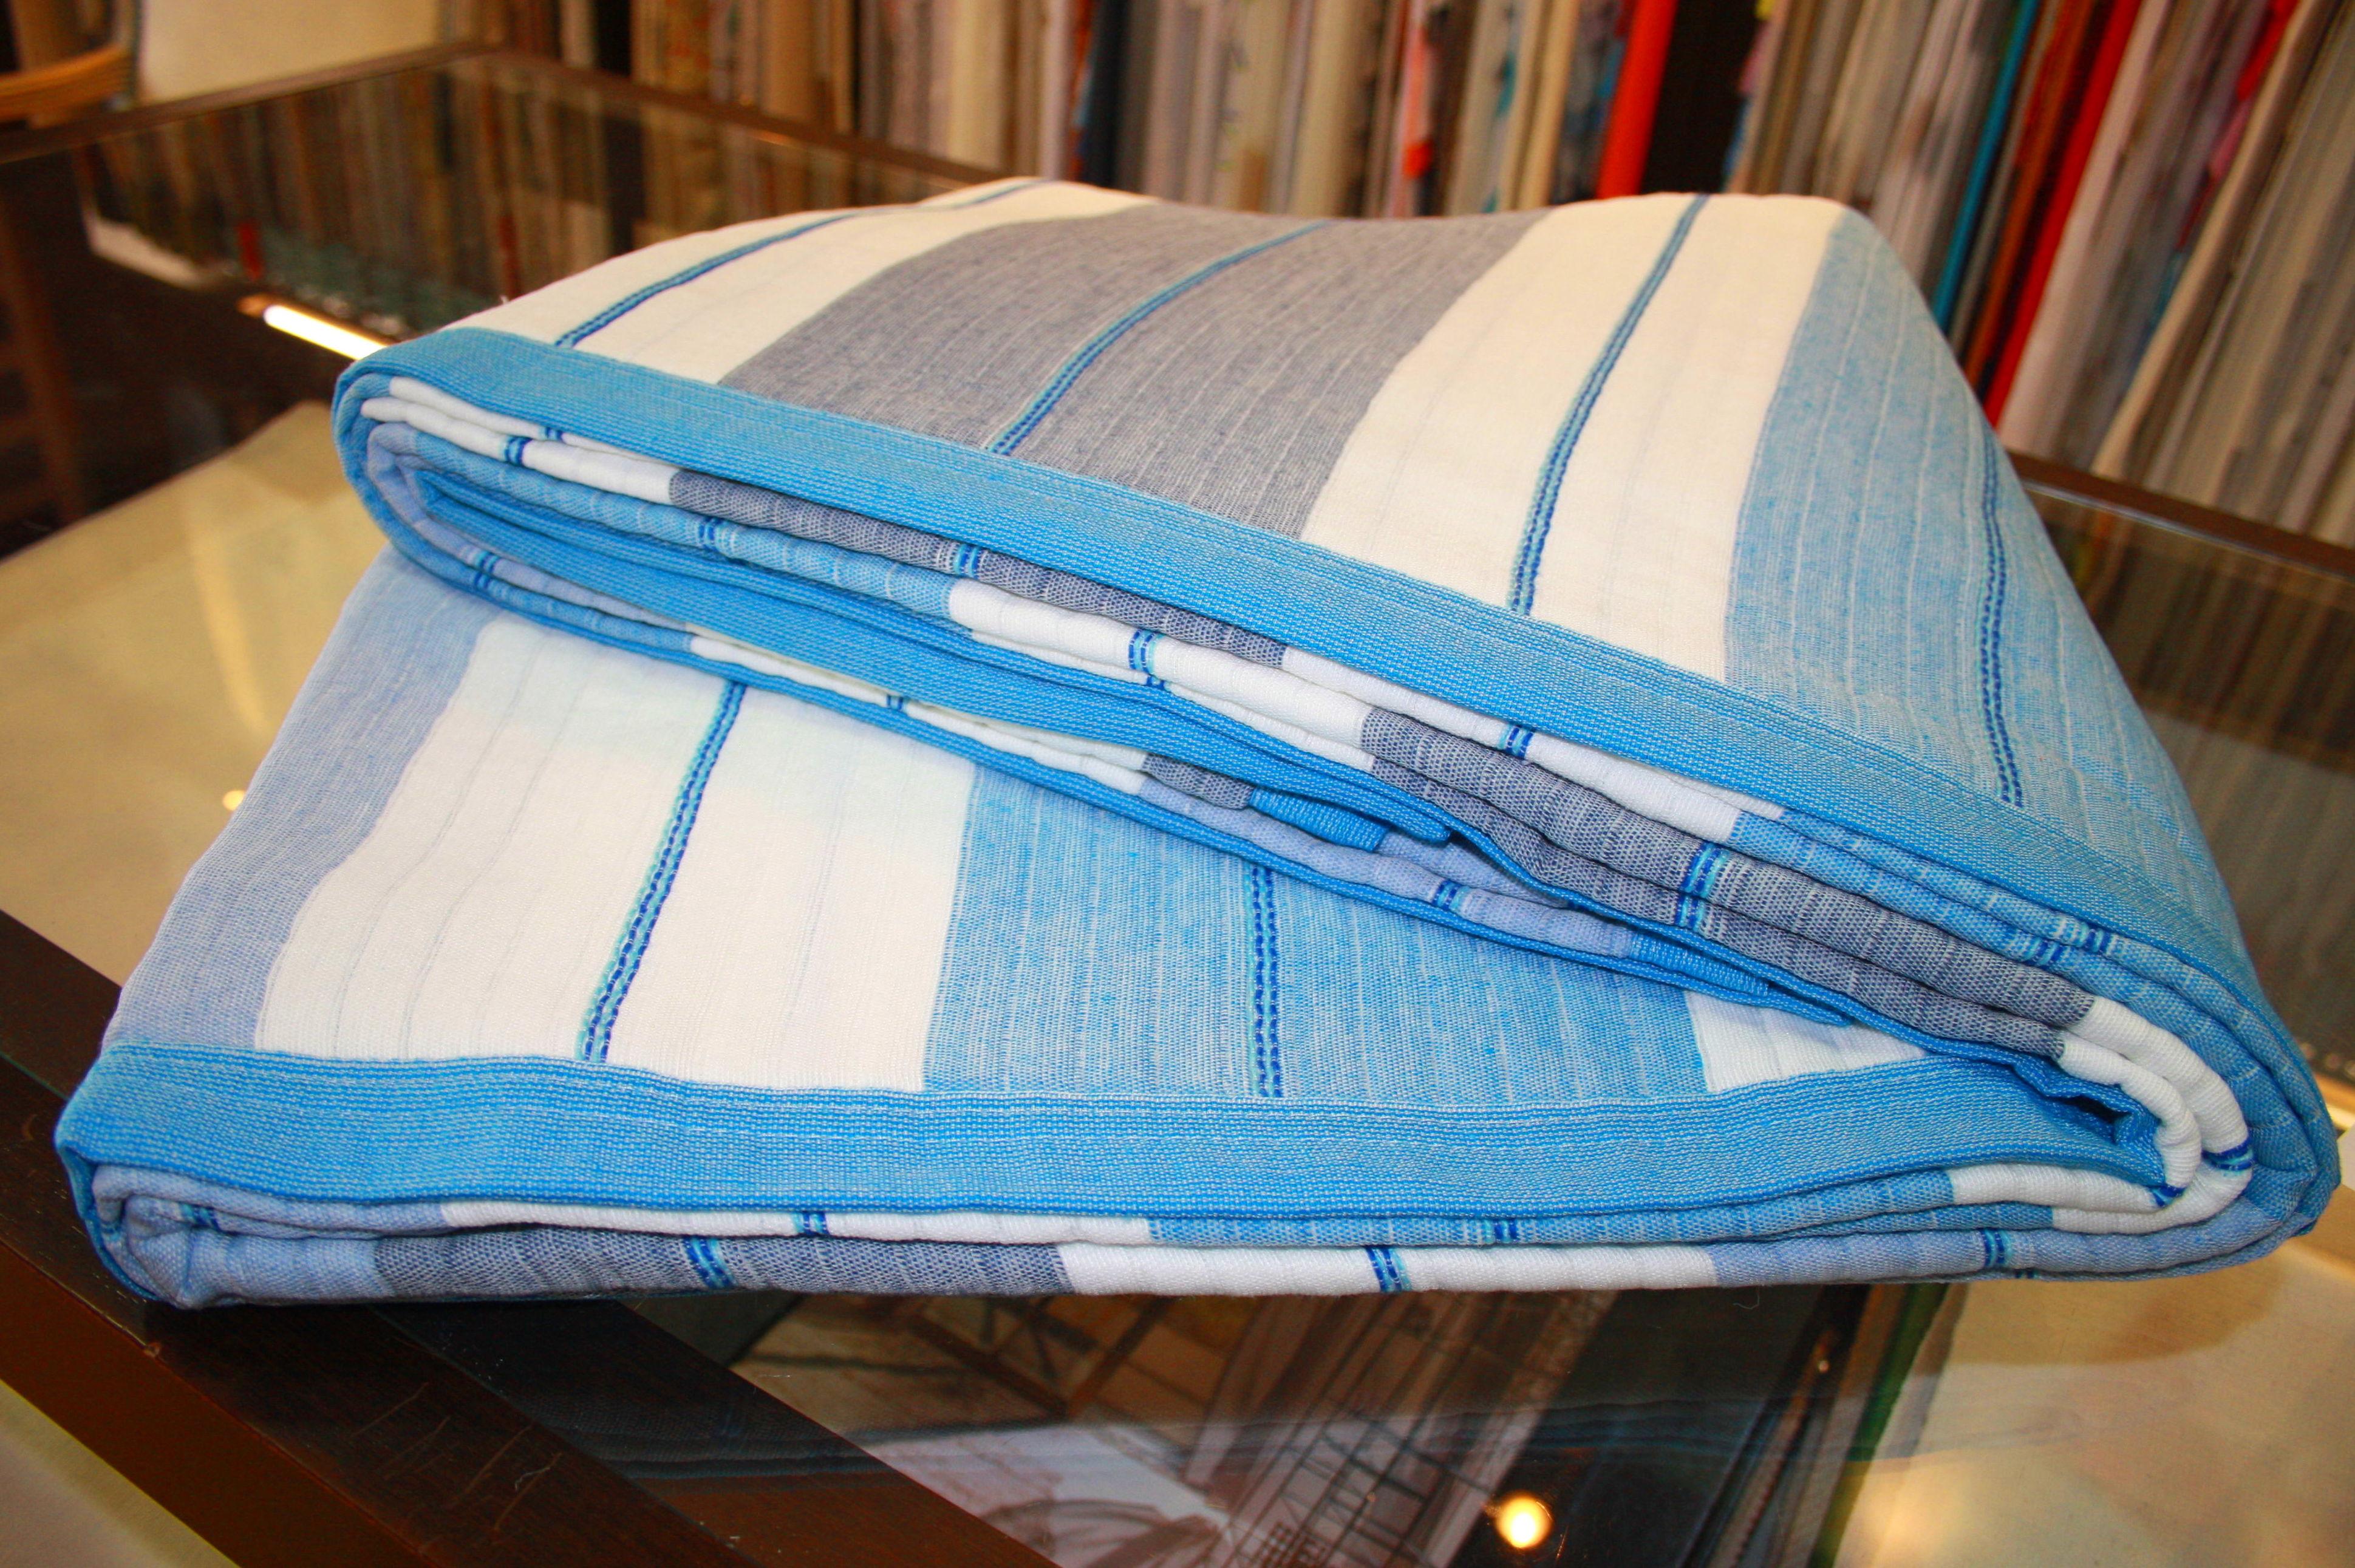 Colcha lineas tonos azules cama 1.50 cm.: Catálogo de La Cibeles